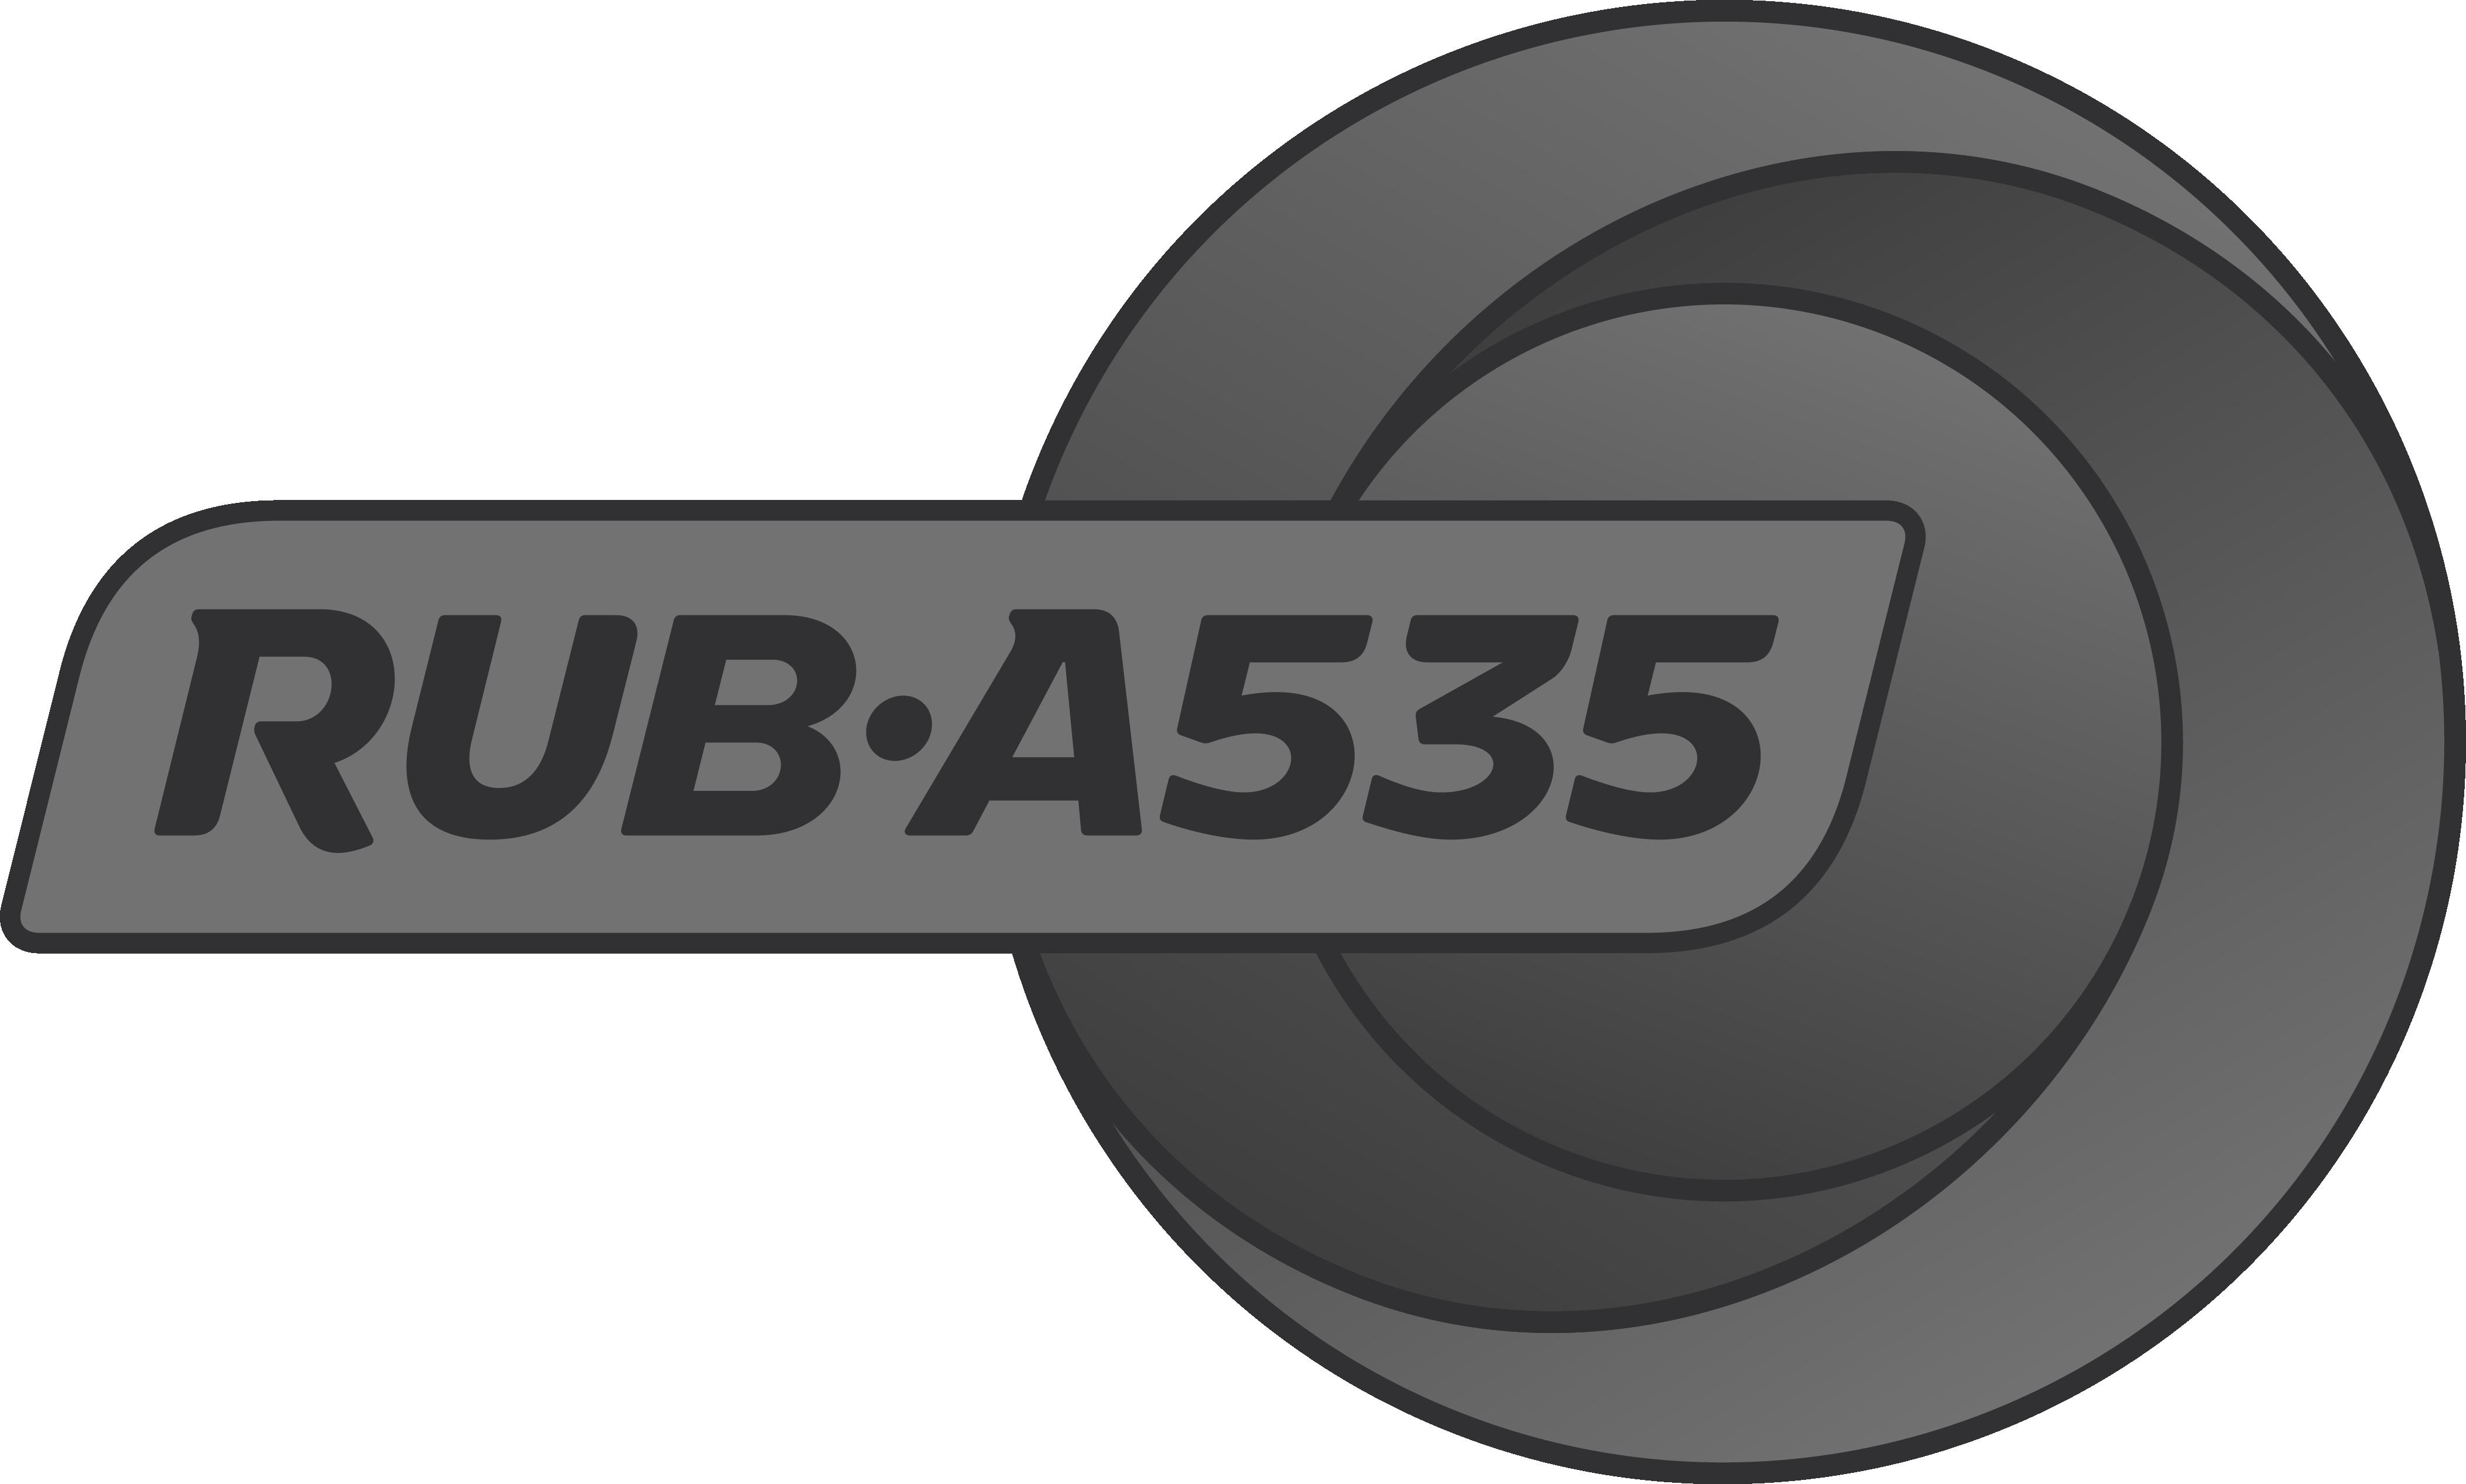 Rub A535 Logo